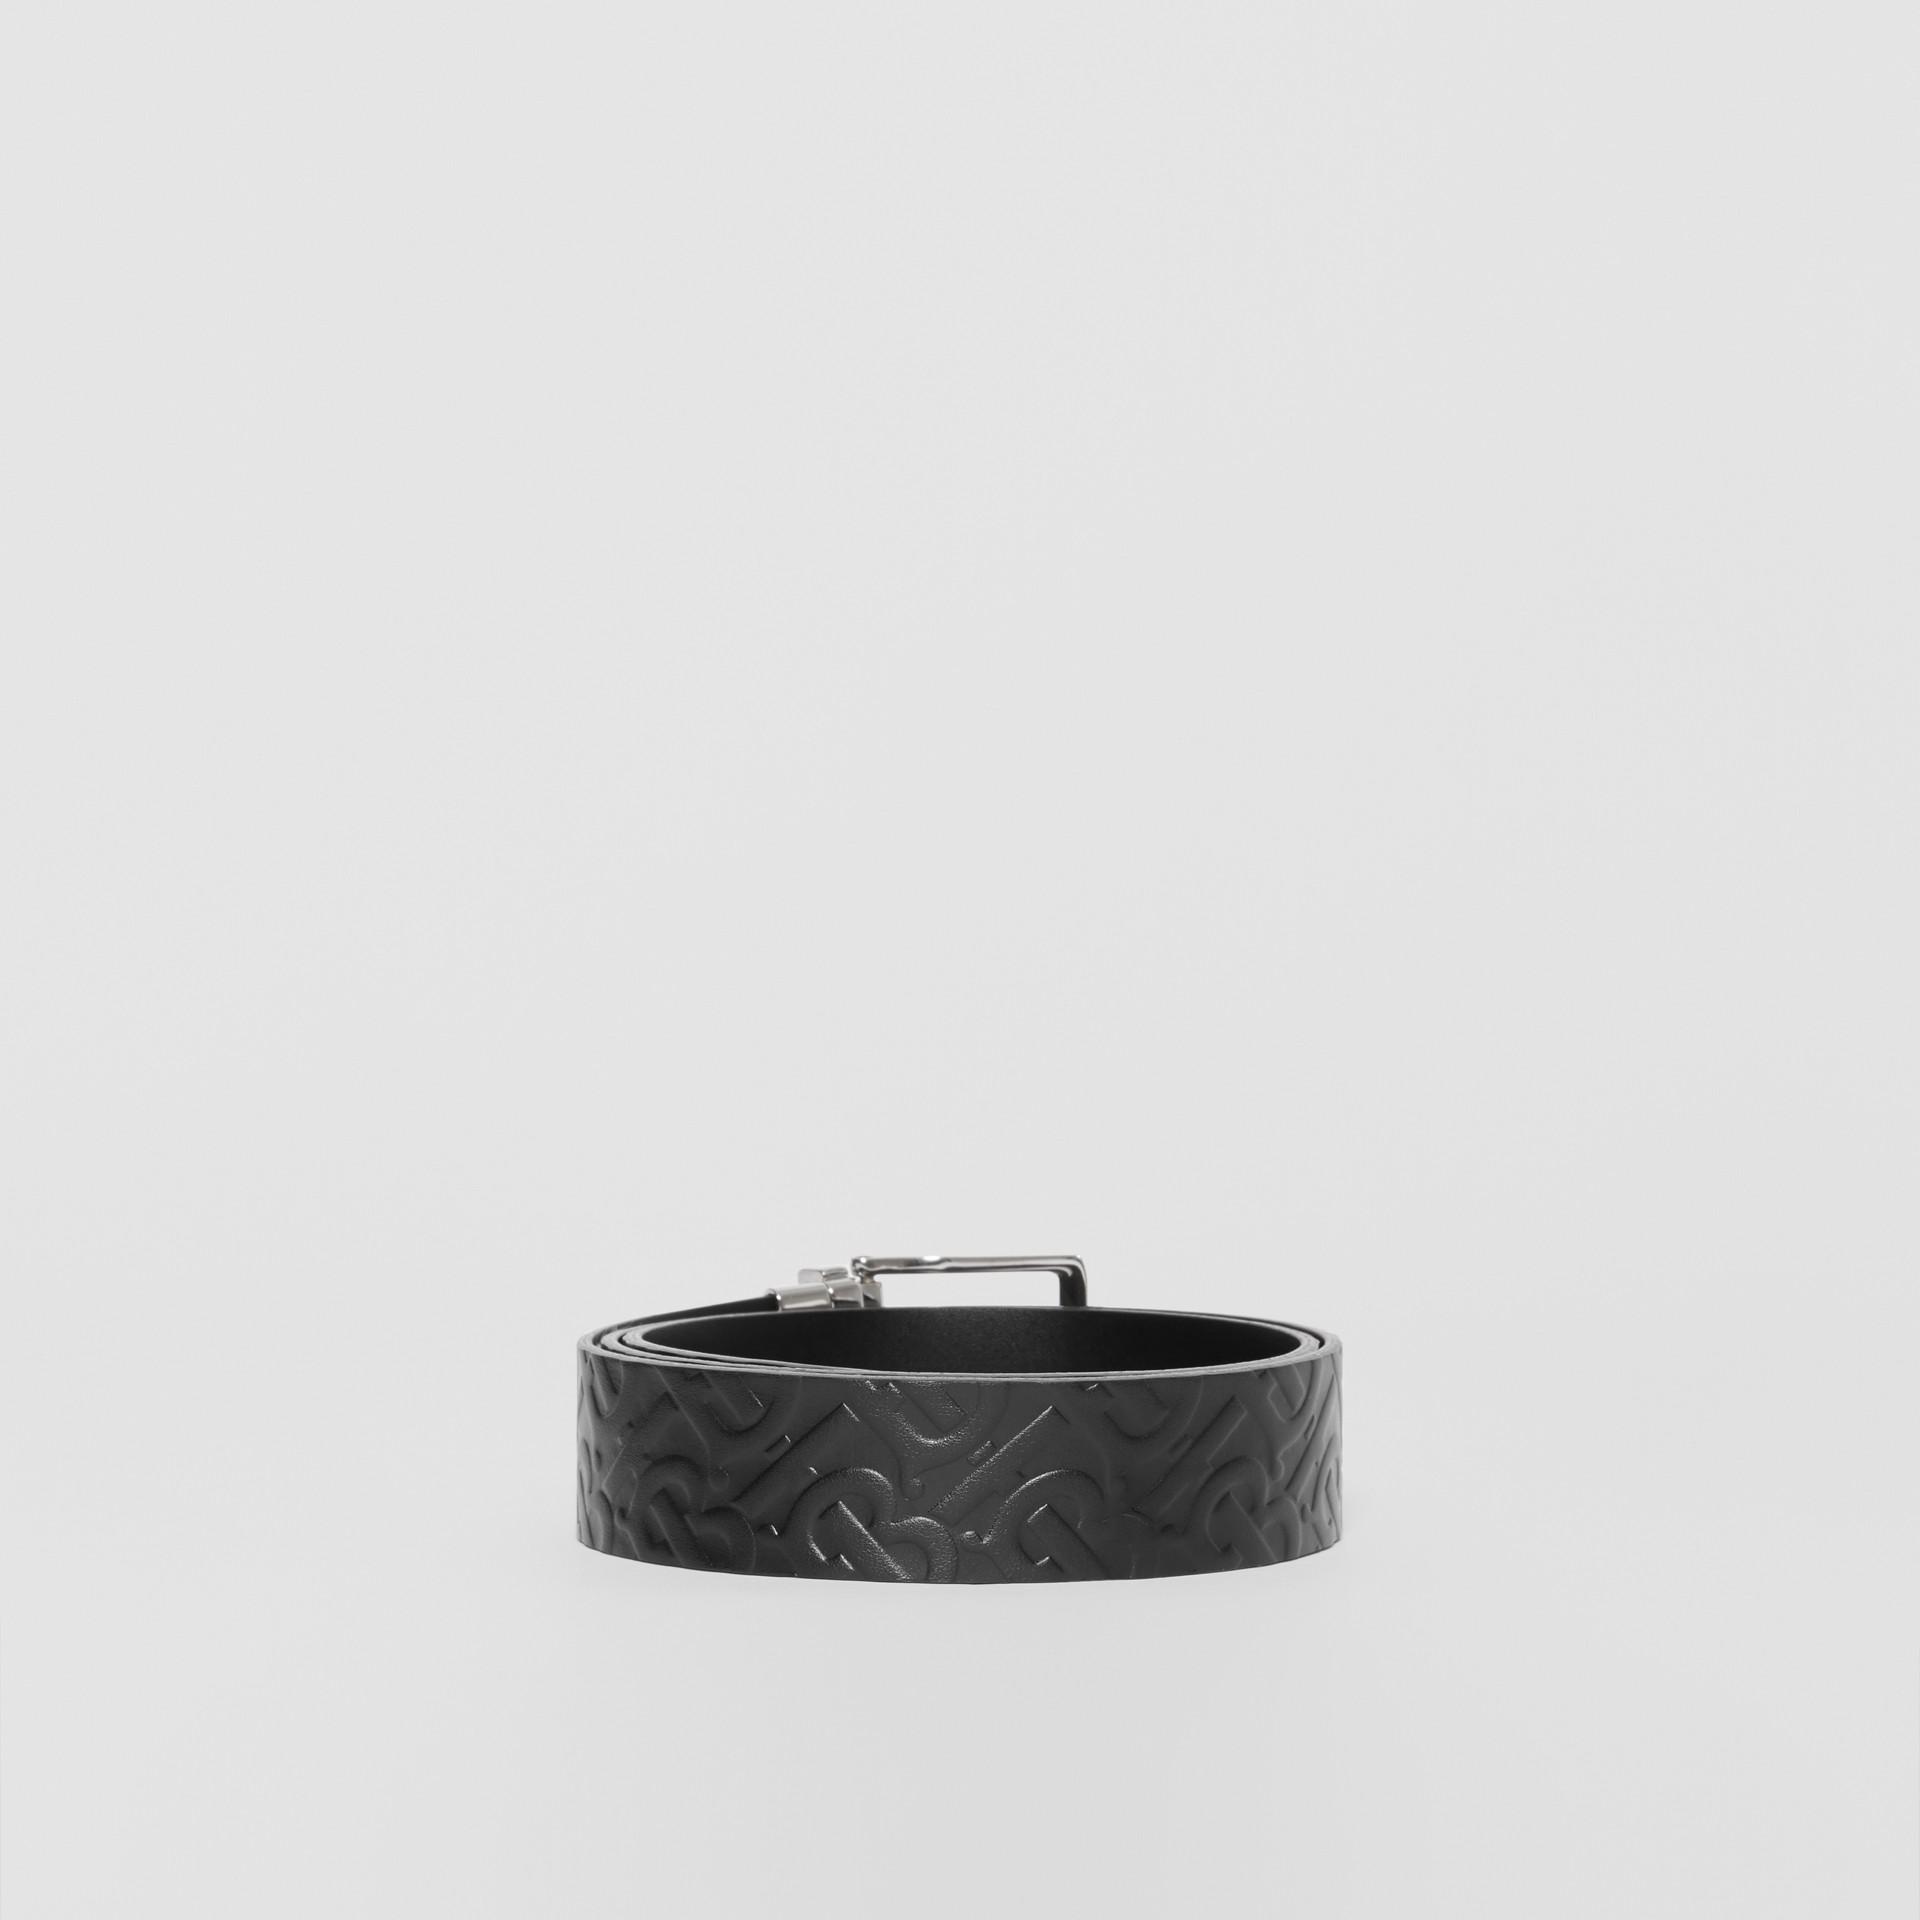 Wendbarer Ledergürtel mit Monogrammmotiv (Schwarz) - Herren | Burberry - Galerie-Bild 4